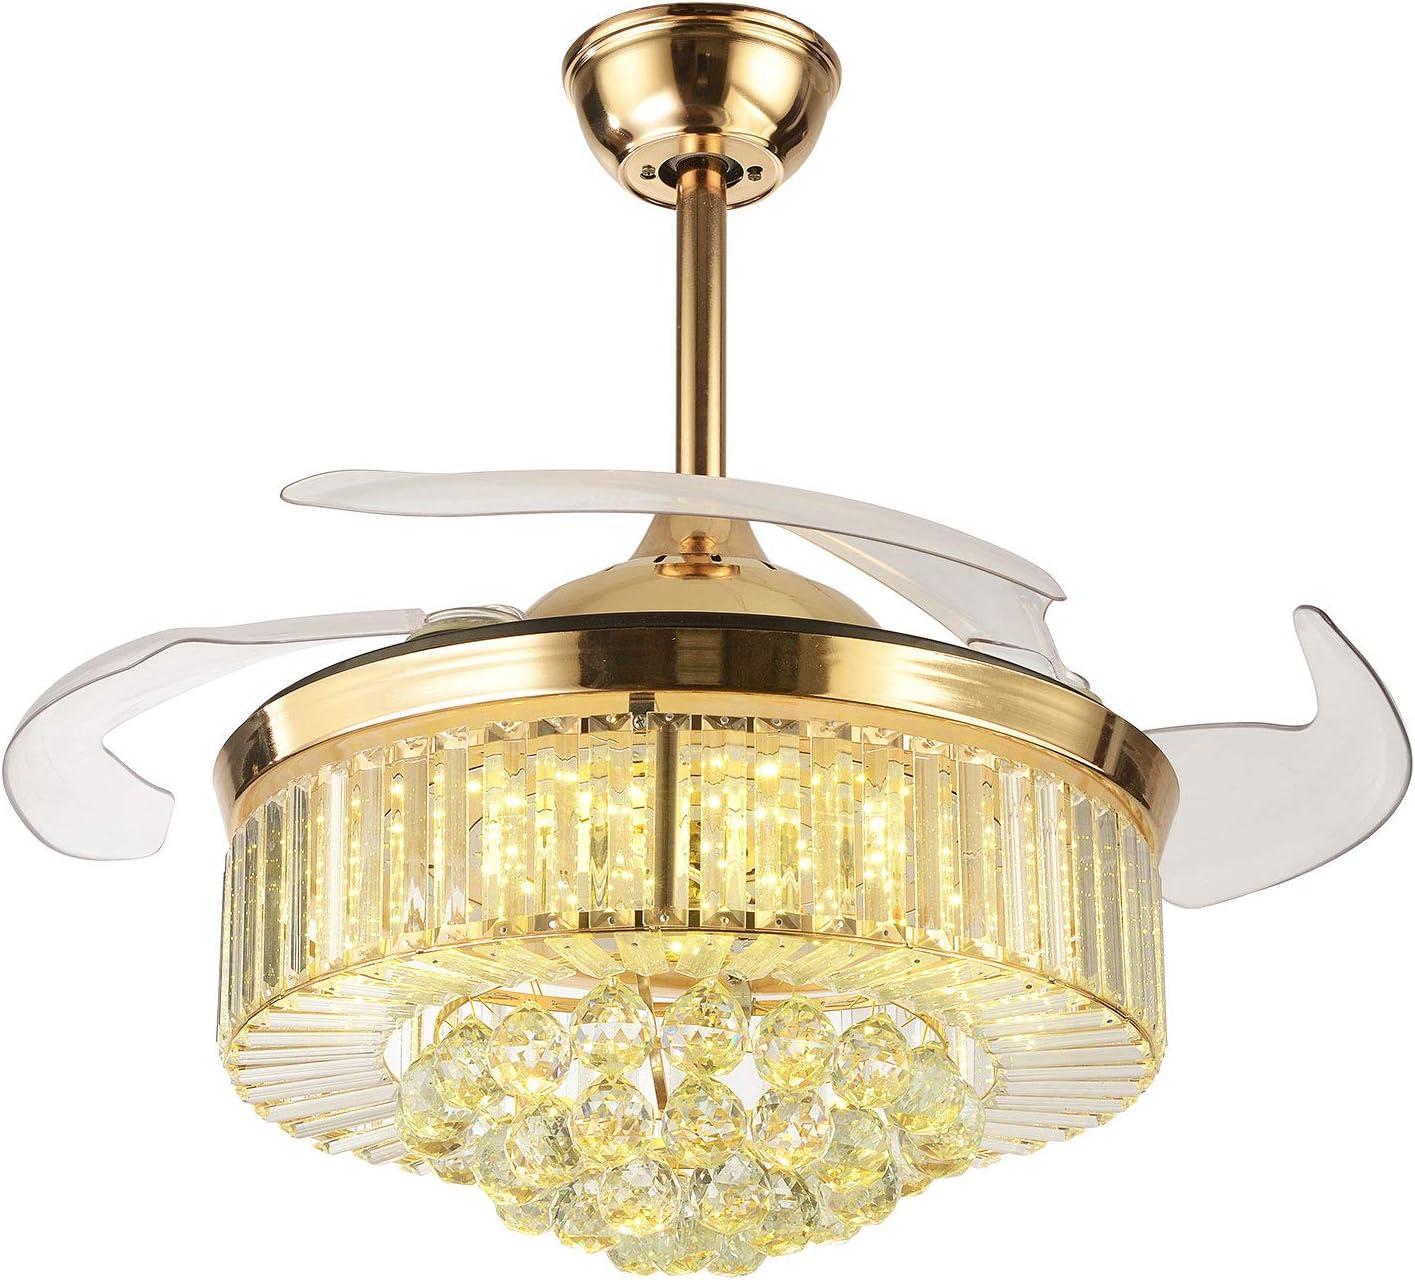 OUKANING ventilador de techo con iluminación y control remoto ventilador luz cristal LED lámpara de techo ala retráctil lámpara de techo para dormitorio sala comedor (Dorado, 42pulgada)